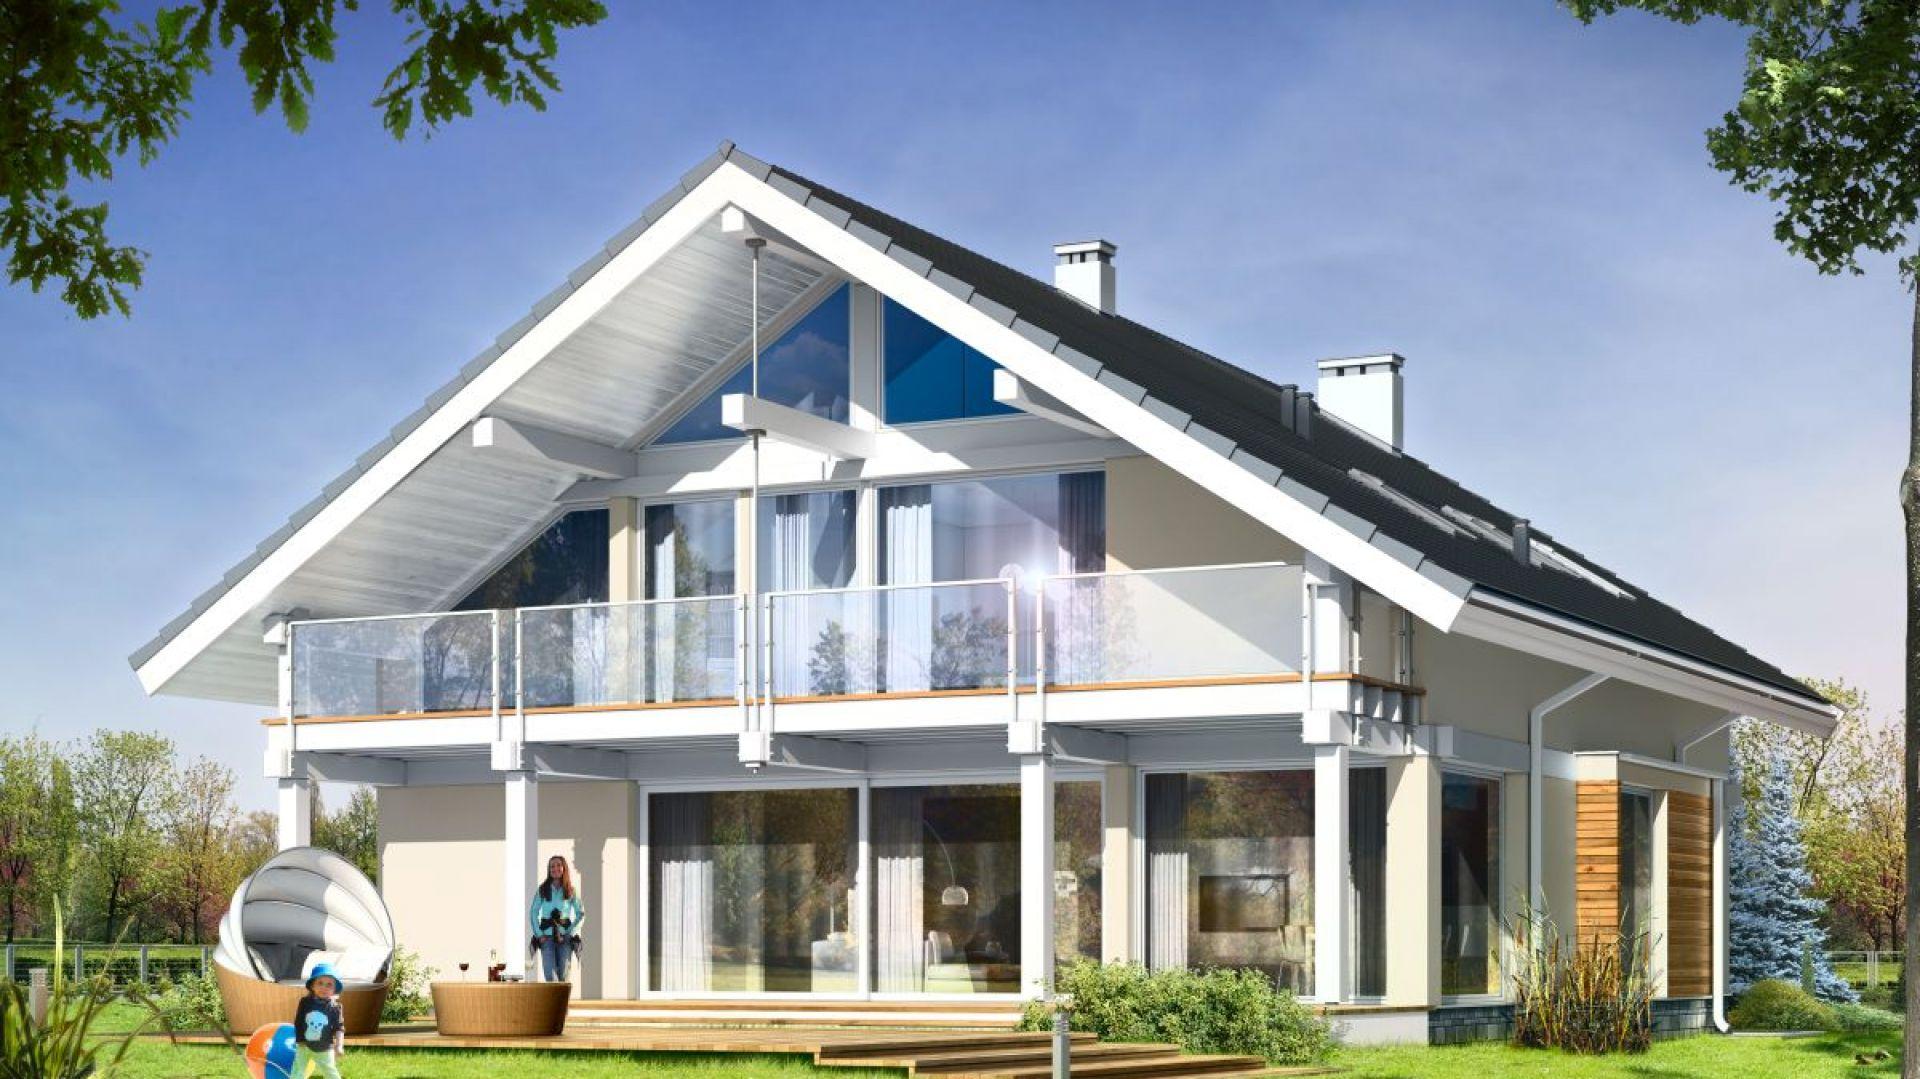 Duże przeszklenia, zaprojektowane na ogrodowej elewacji domu, w naturalny sposób łączą wnętrze z ogrodem. Projekt: arch. Michał Gąsiorowski, MG Projekt